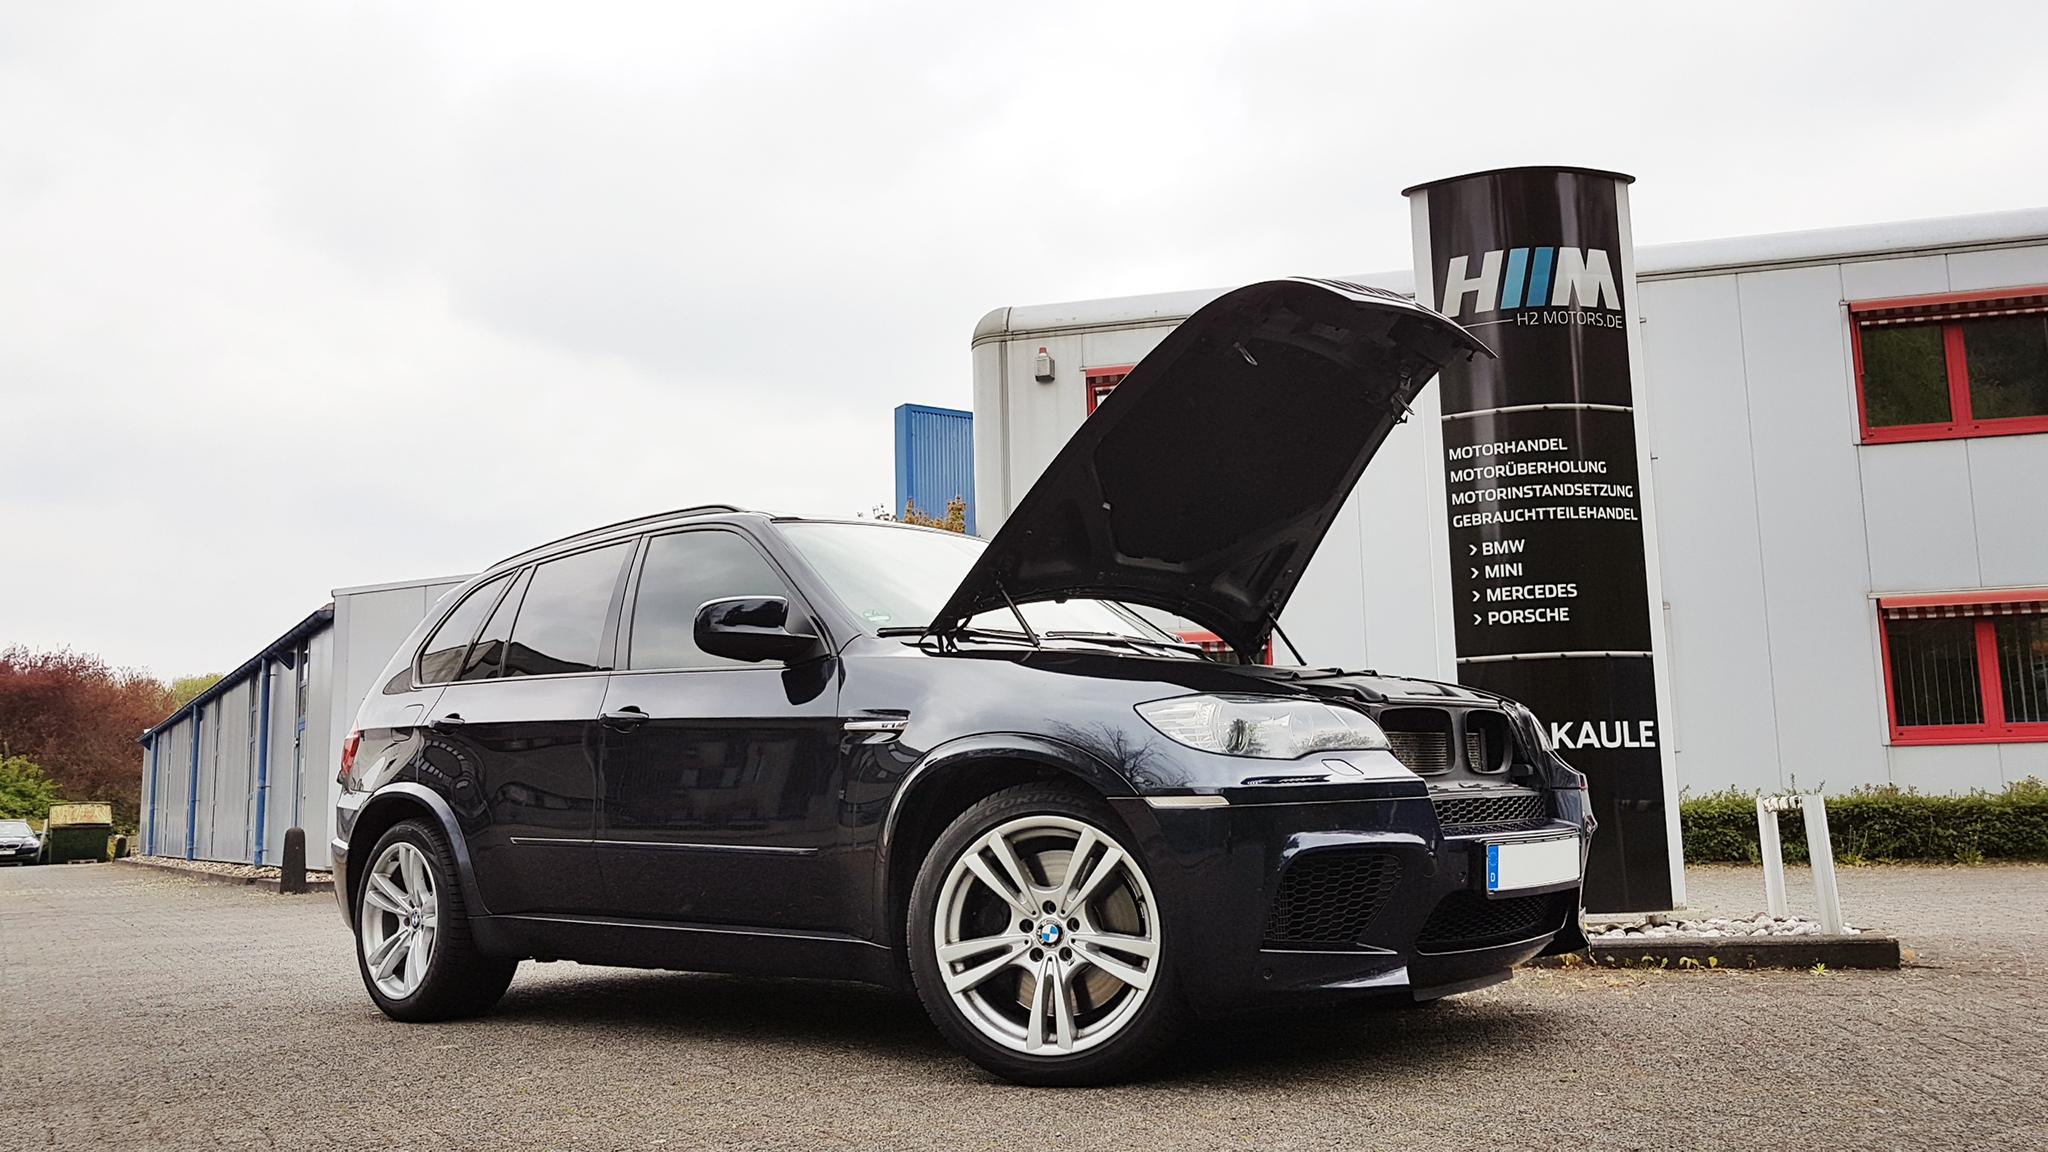 Austauschmotor für einen BMW E70 X5 M